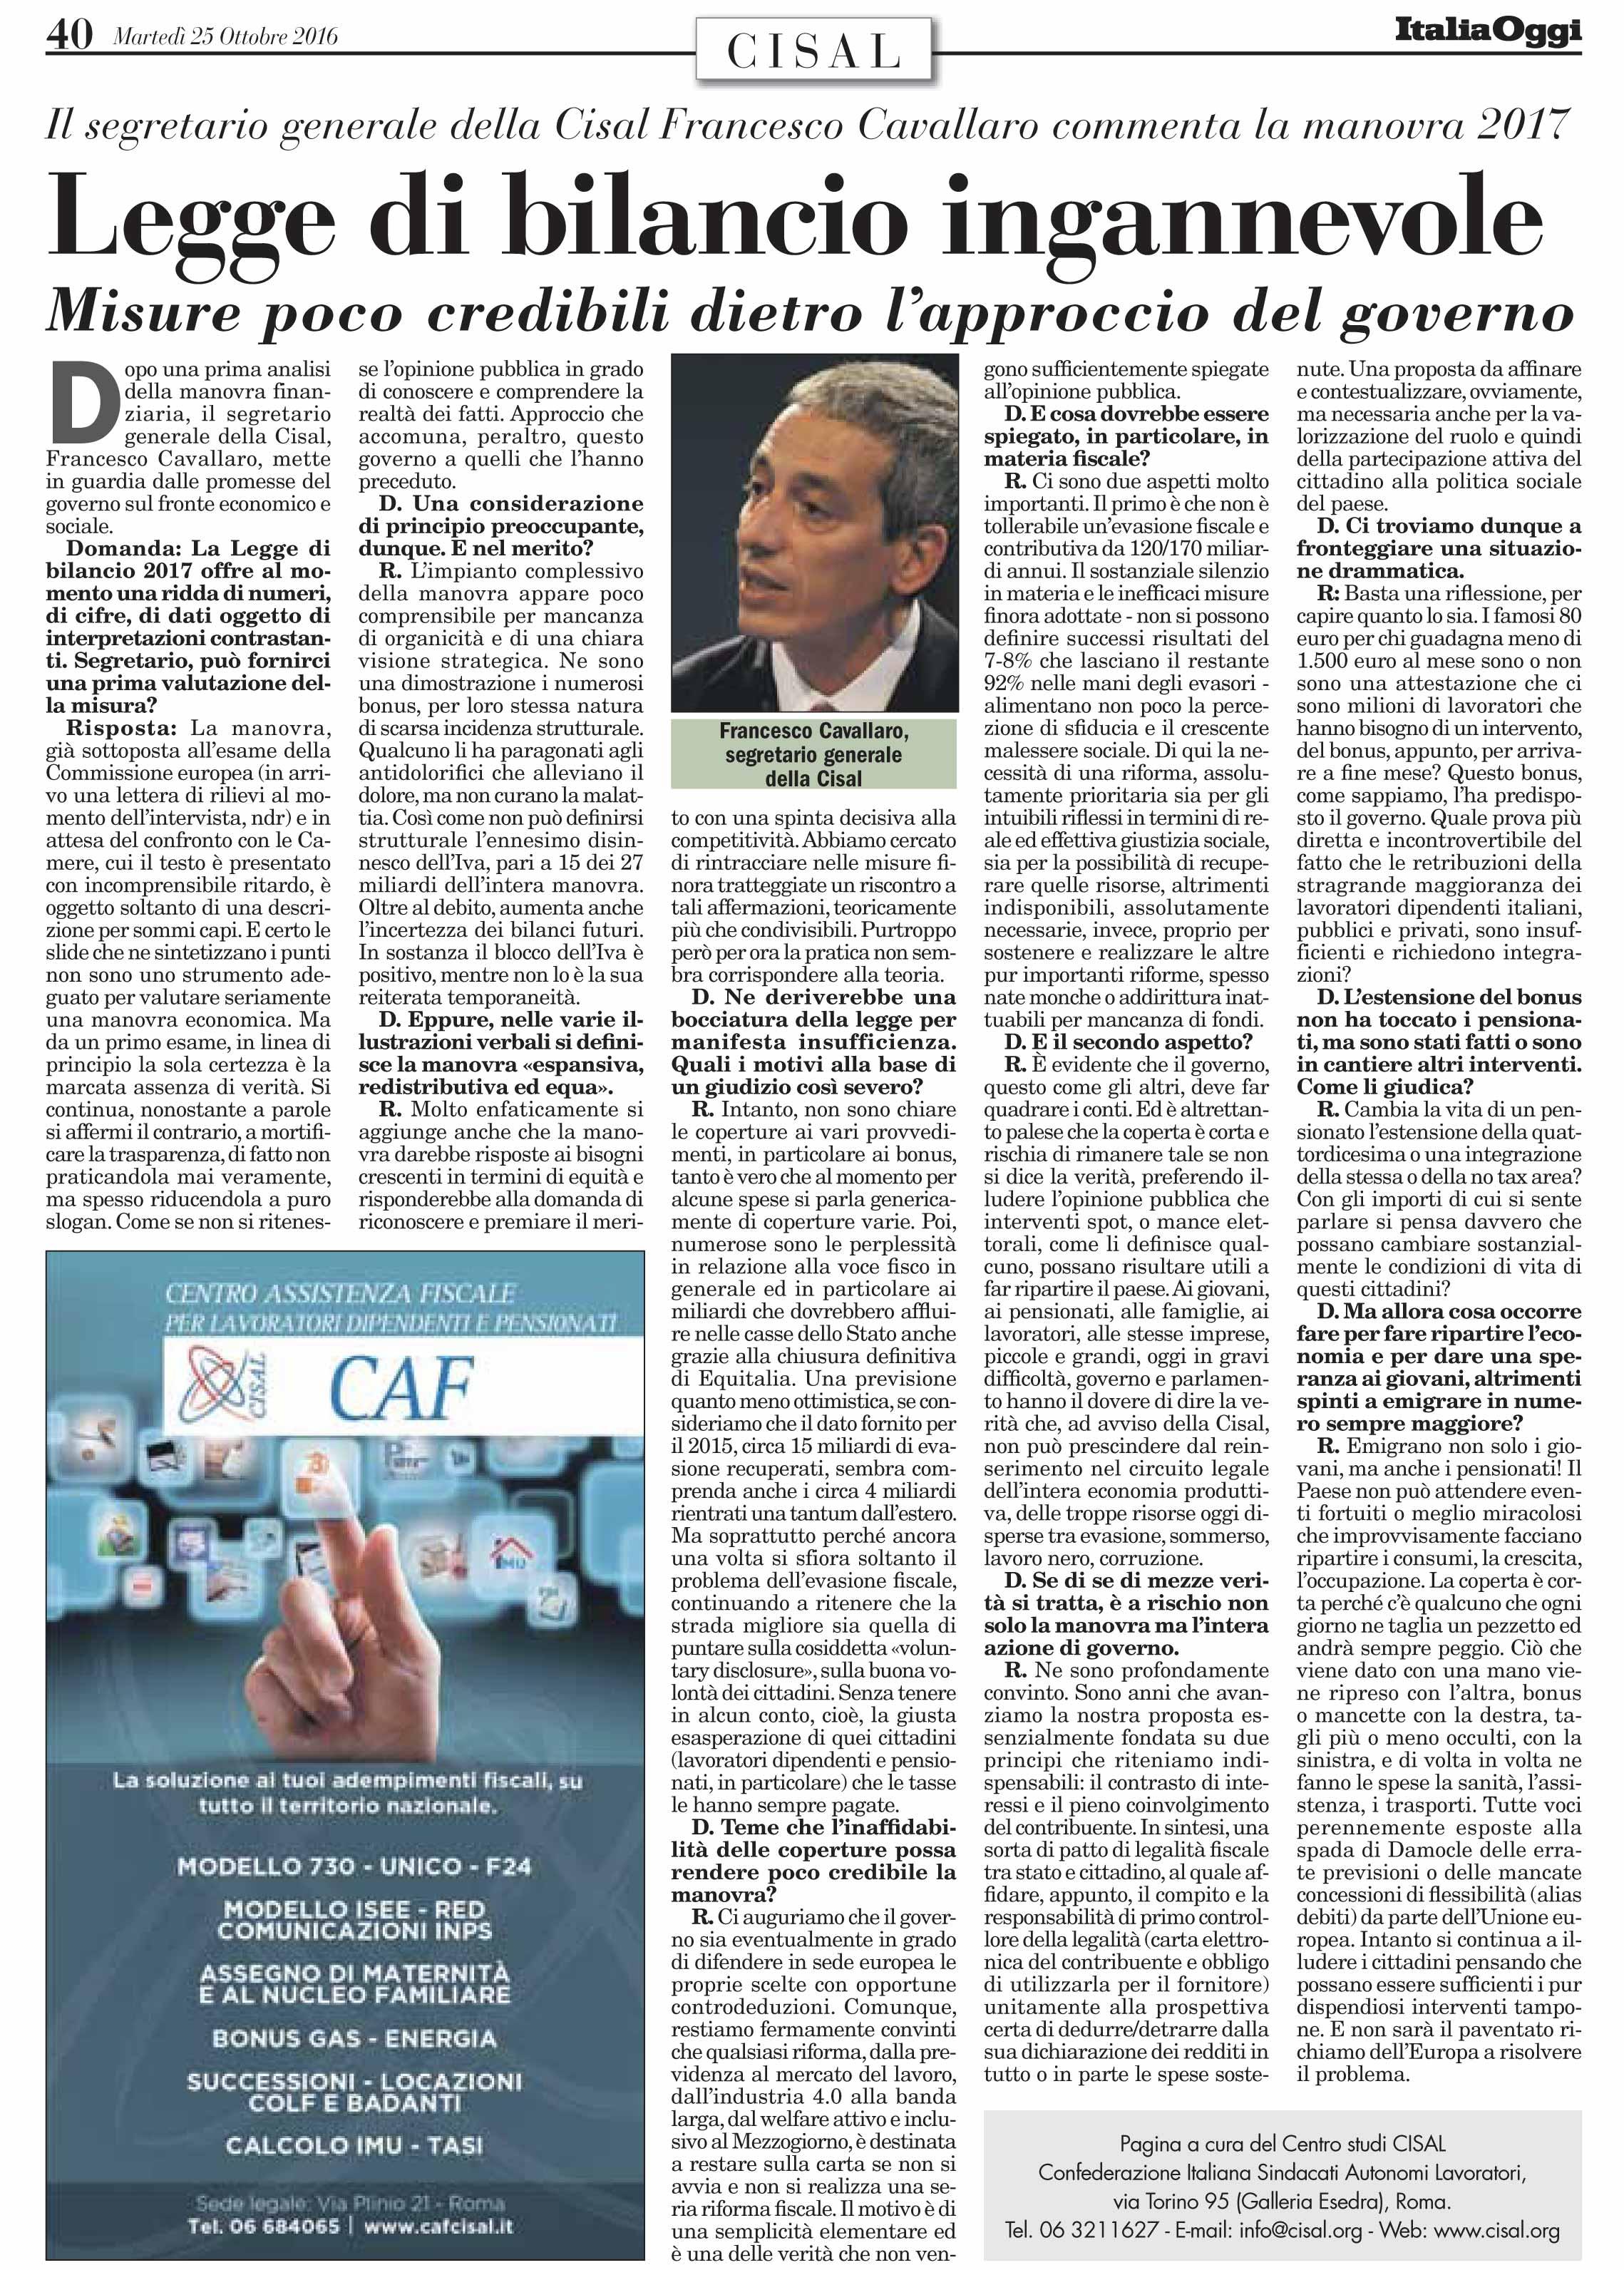 Editoriale in formato PDF:25/10/2016 Italia Oggi